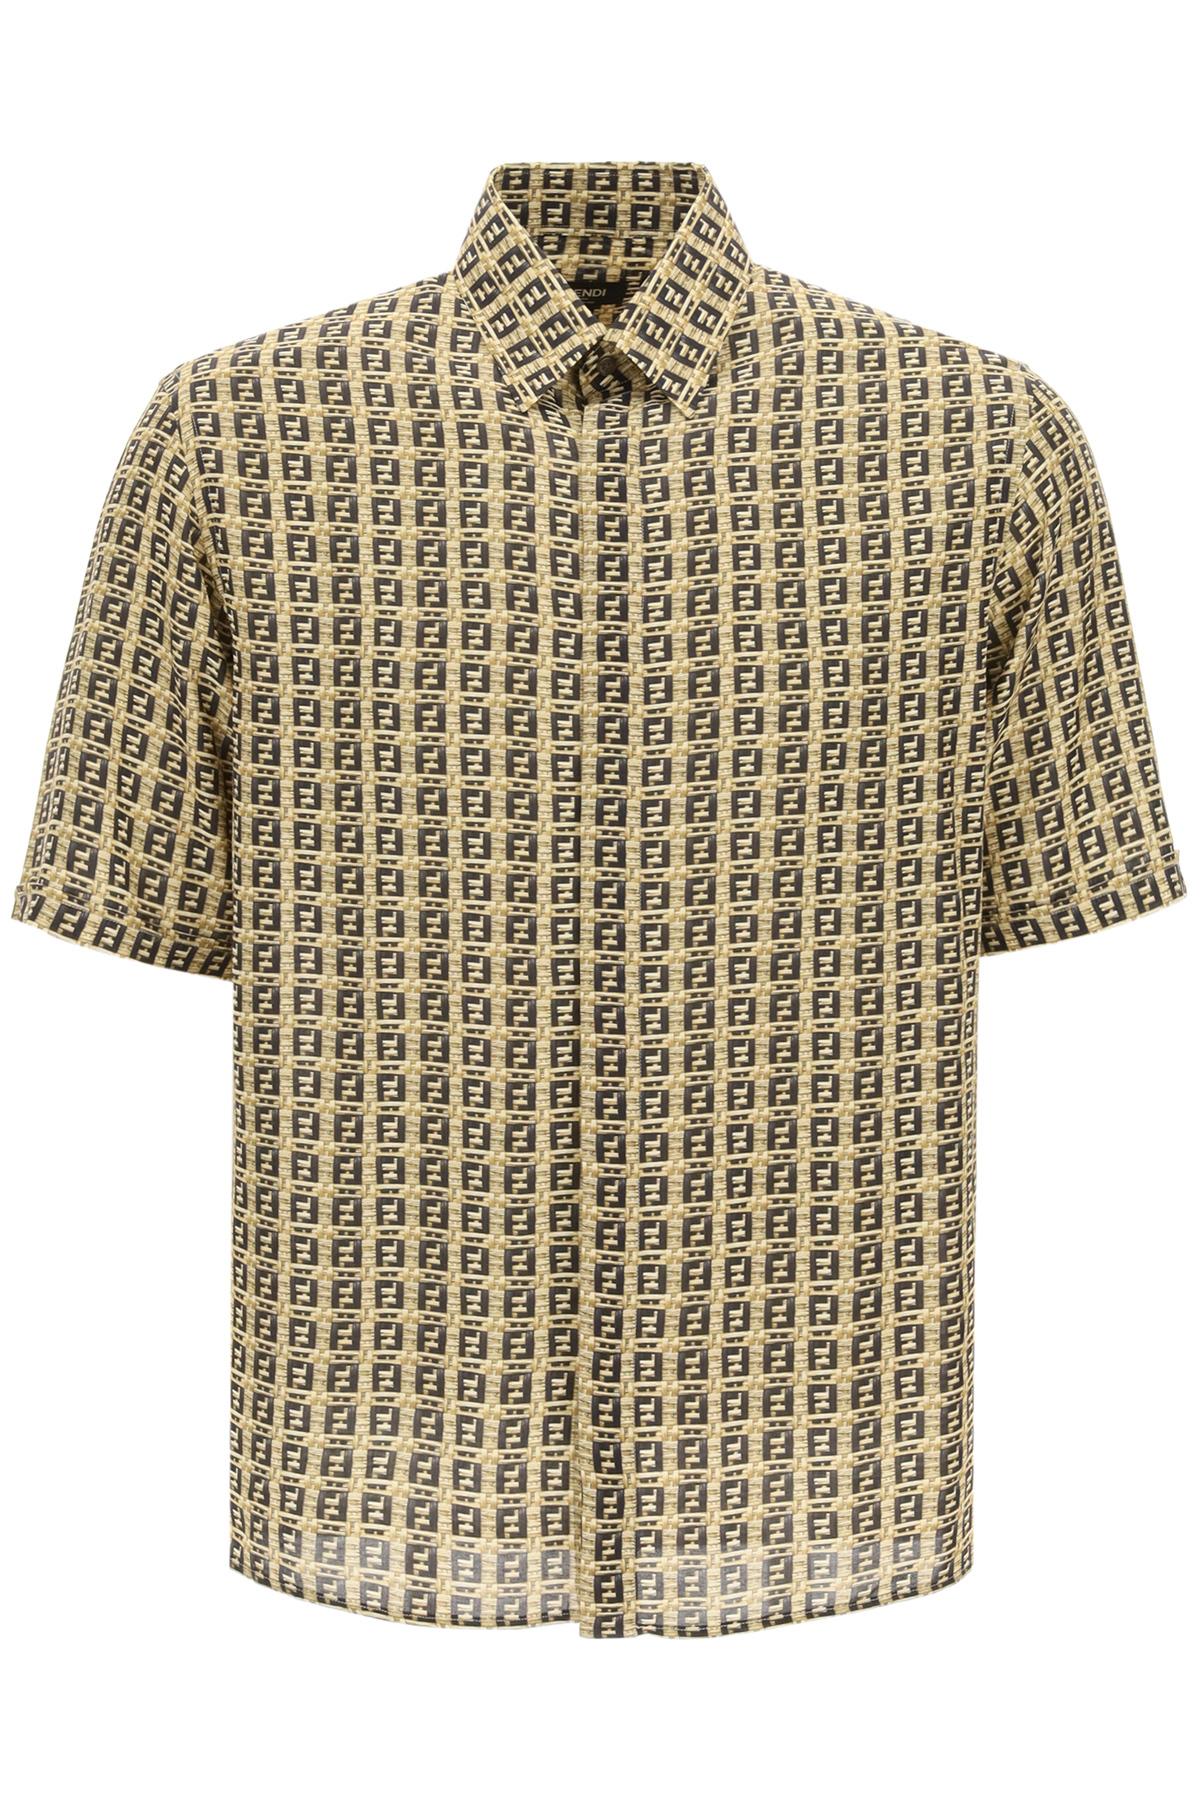 Fendi camicia logo all-over